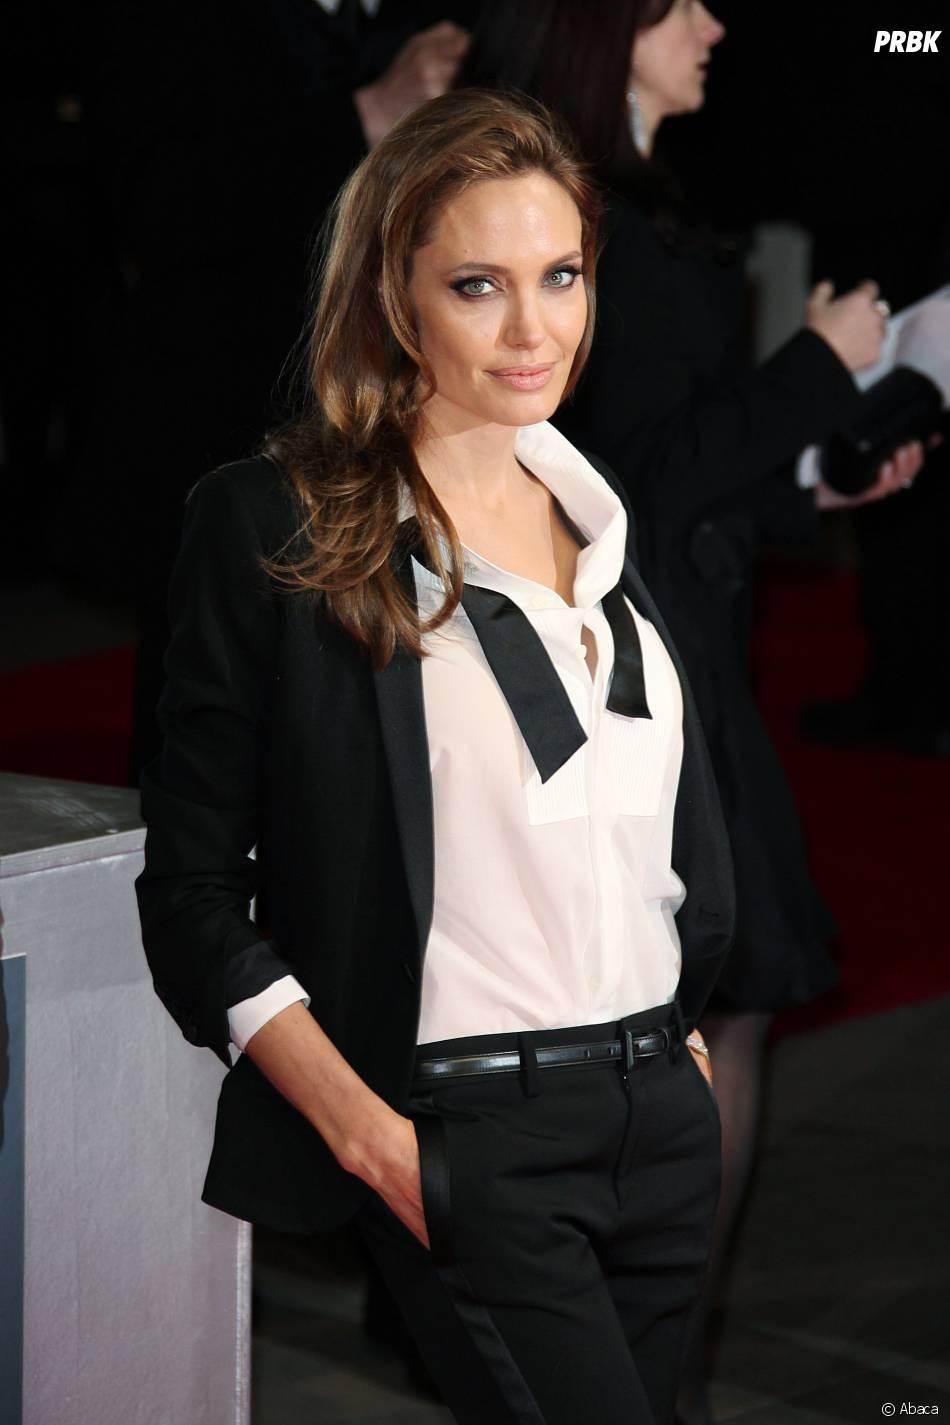 Angelina Jolie numéro 1 dans le top des actrices les mieux payés en 2013